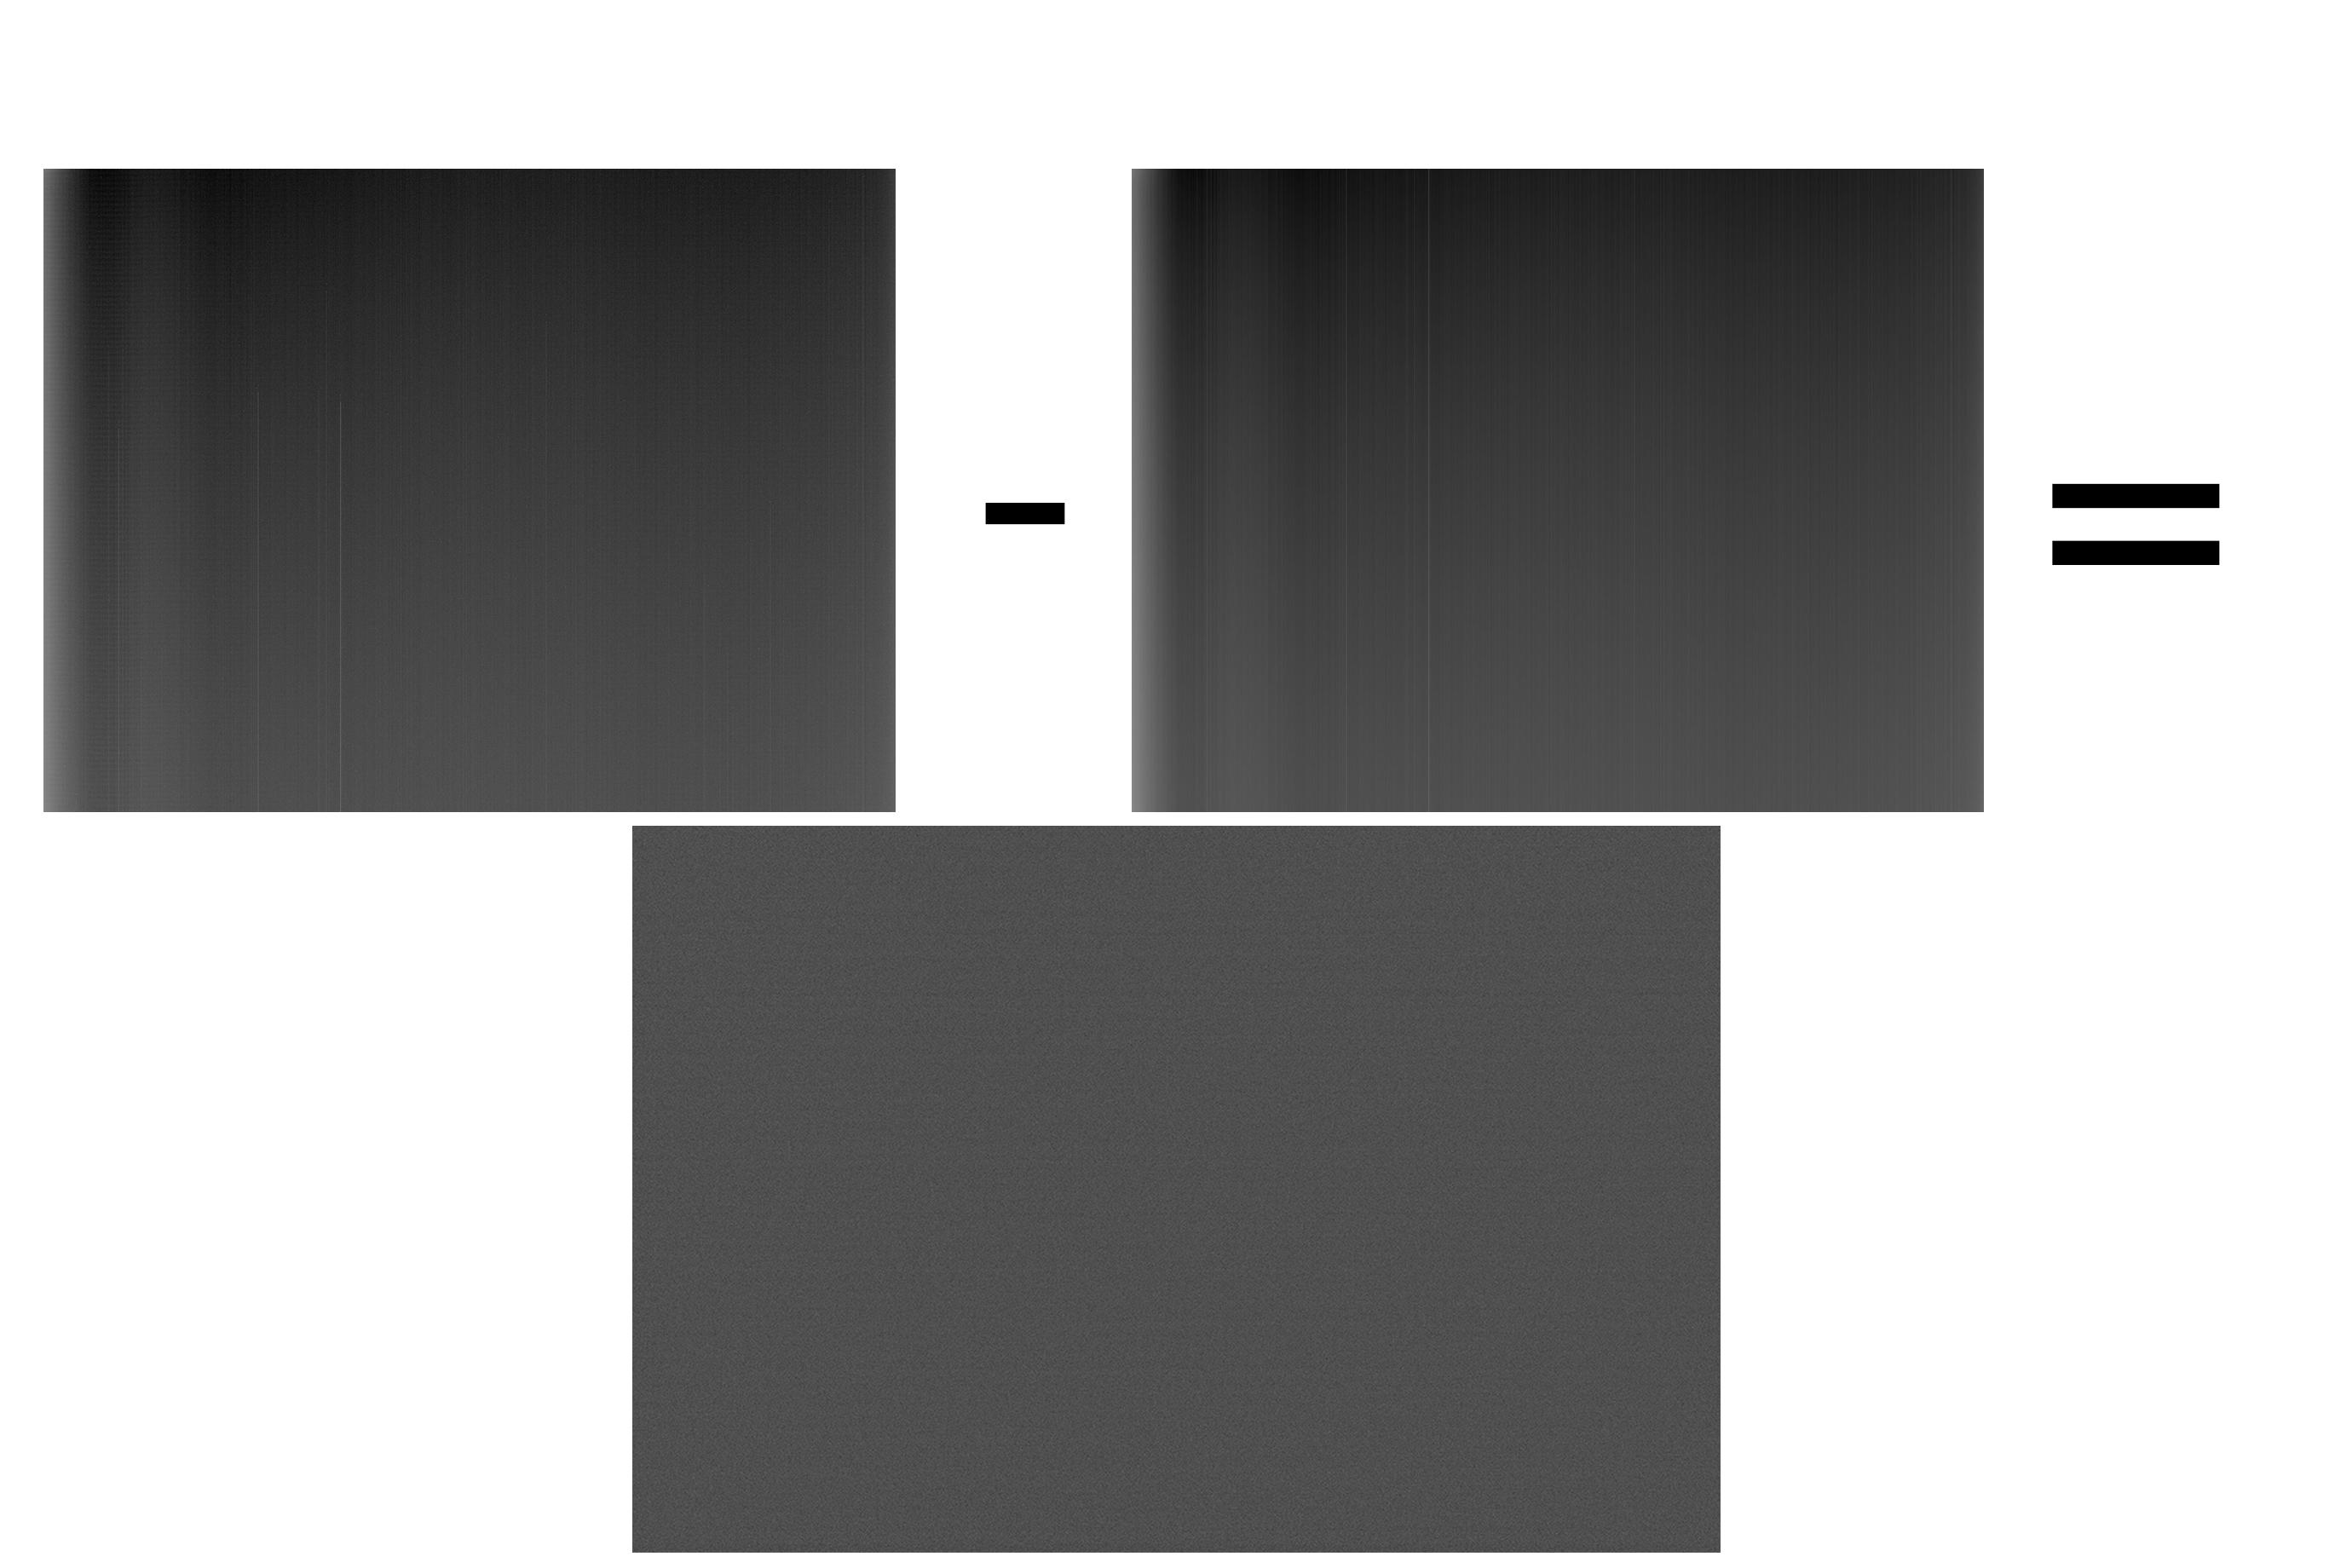 pixel math